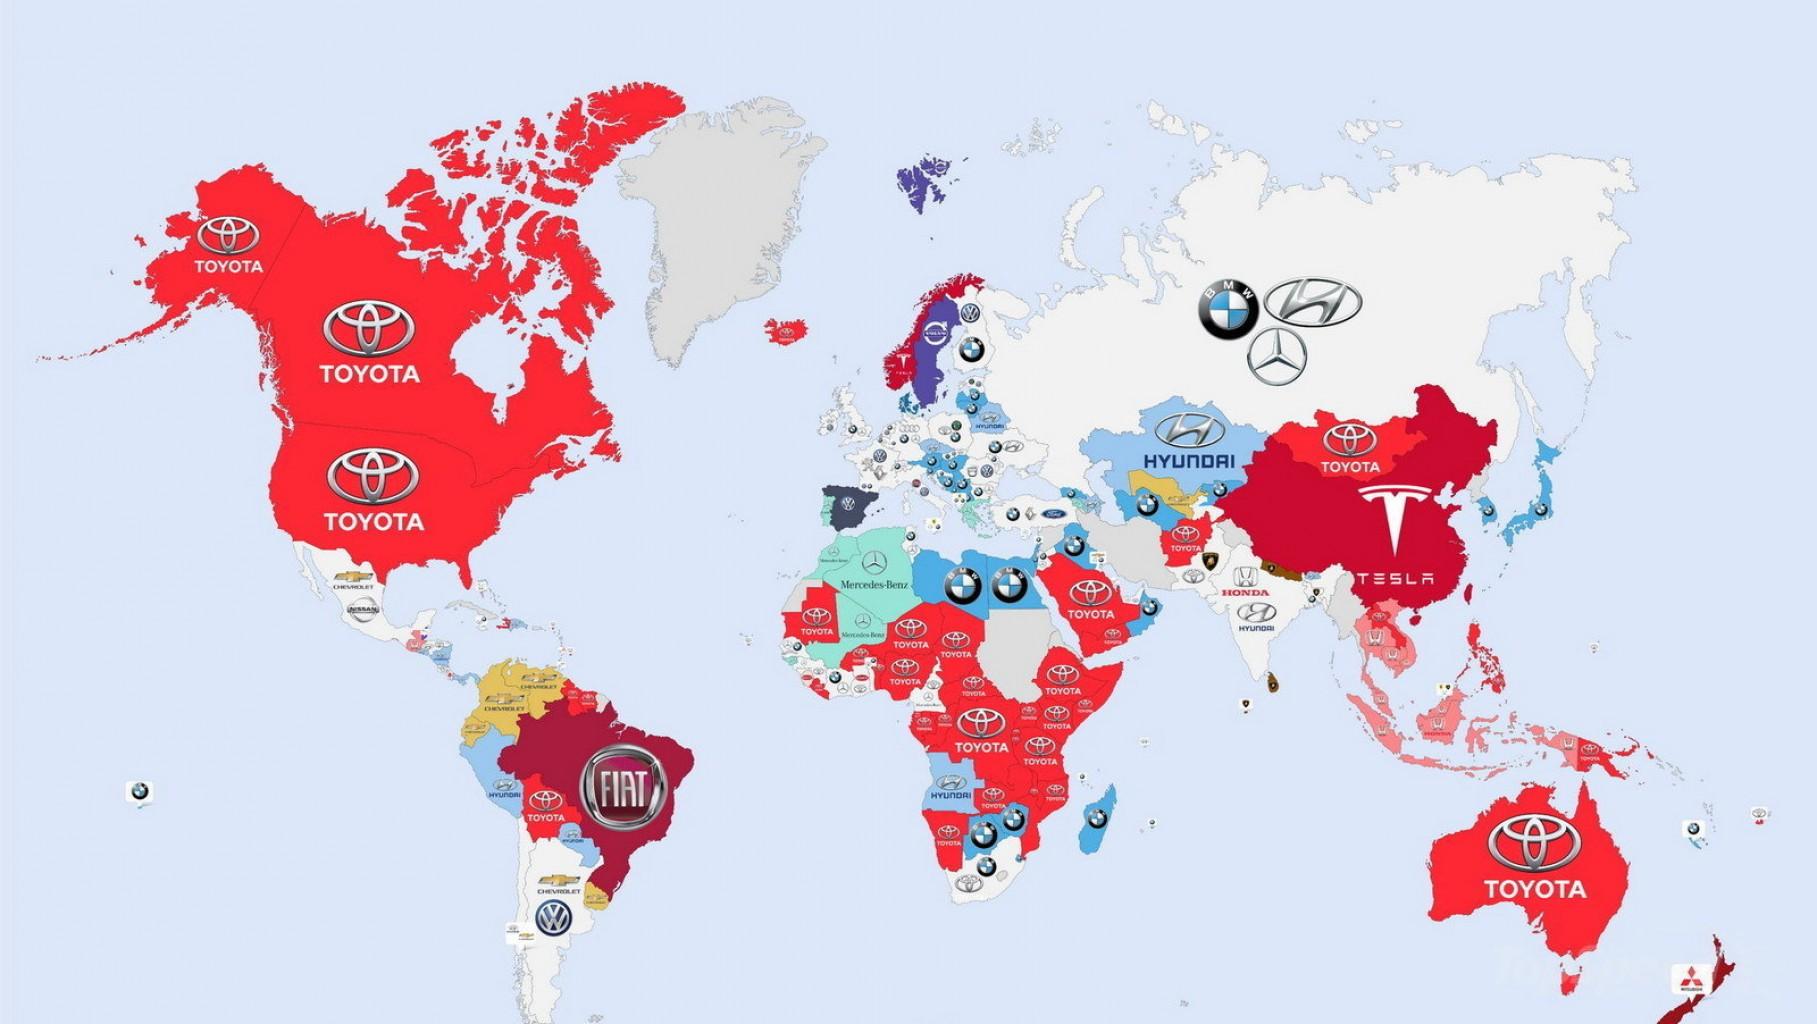 Cuáles son las marcas de automóviles más buscadas en el mundo virtual